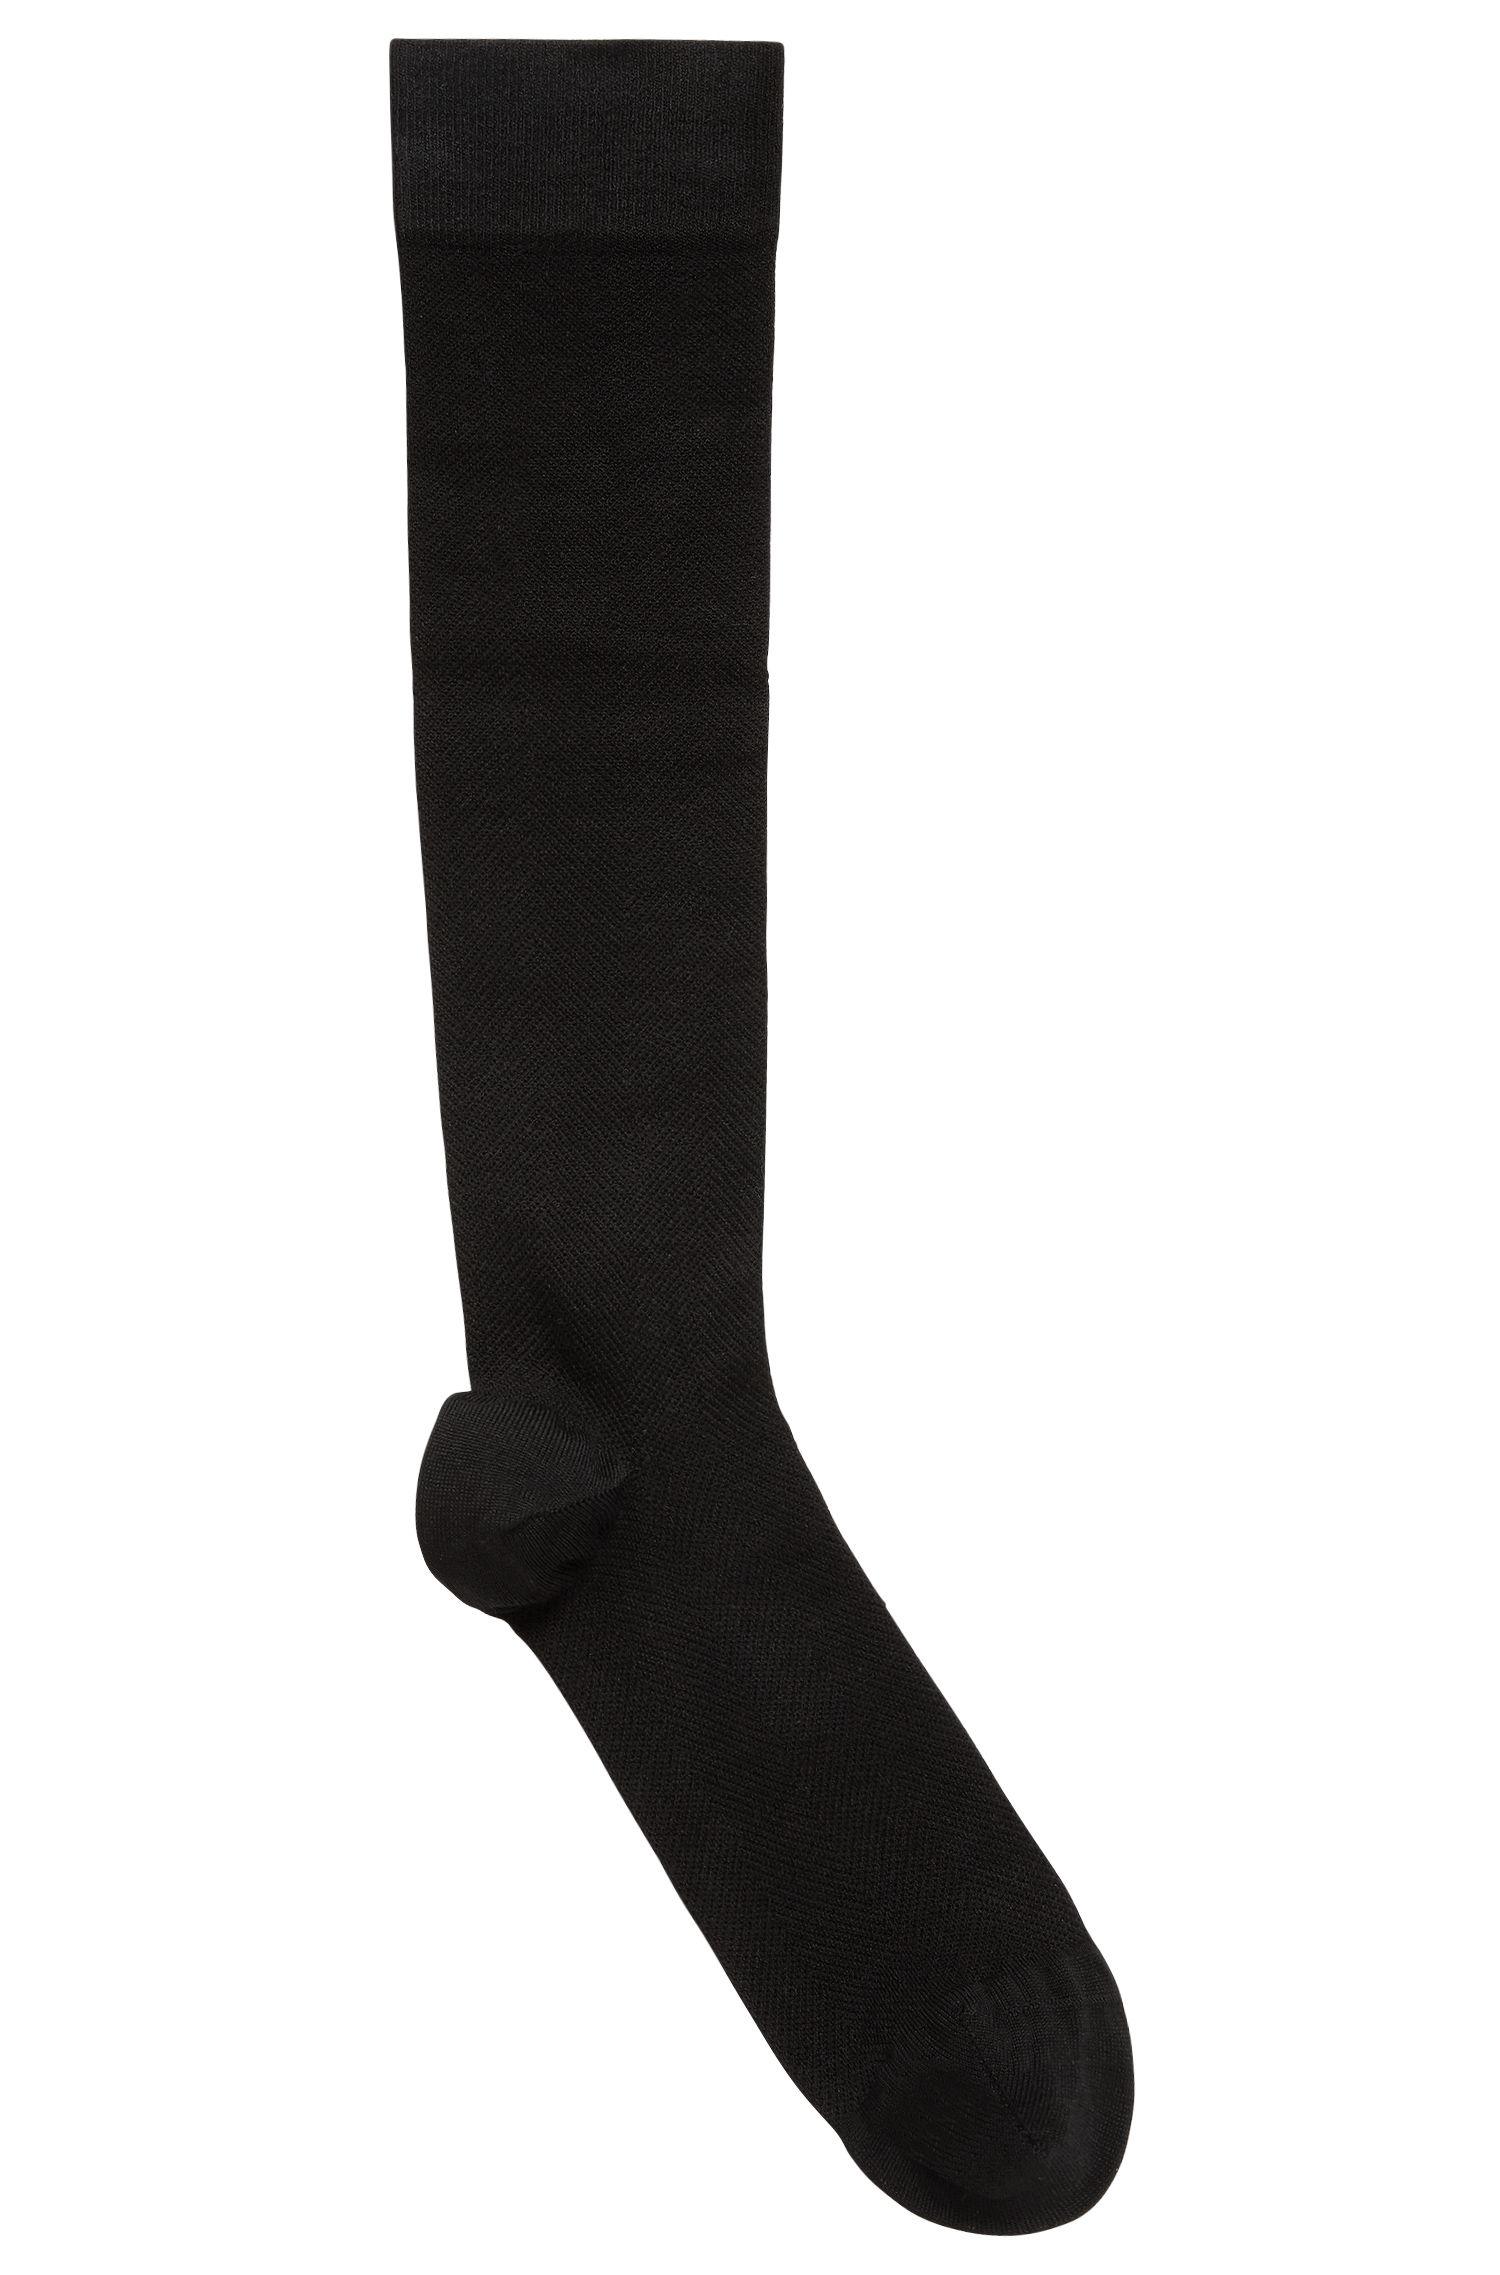 Chaussettes hautes de compression en matière technique